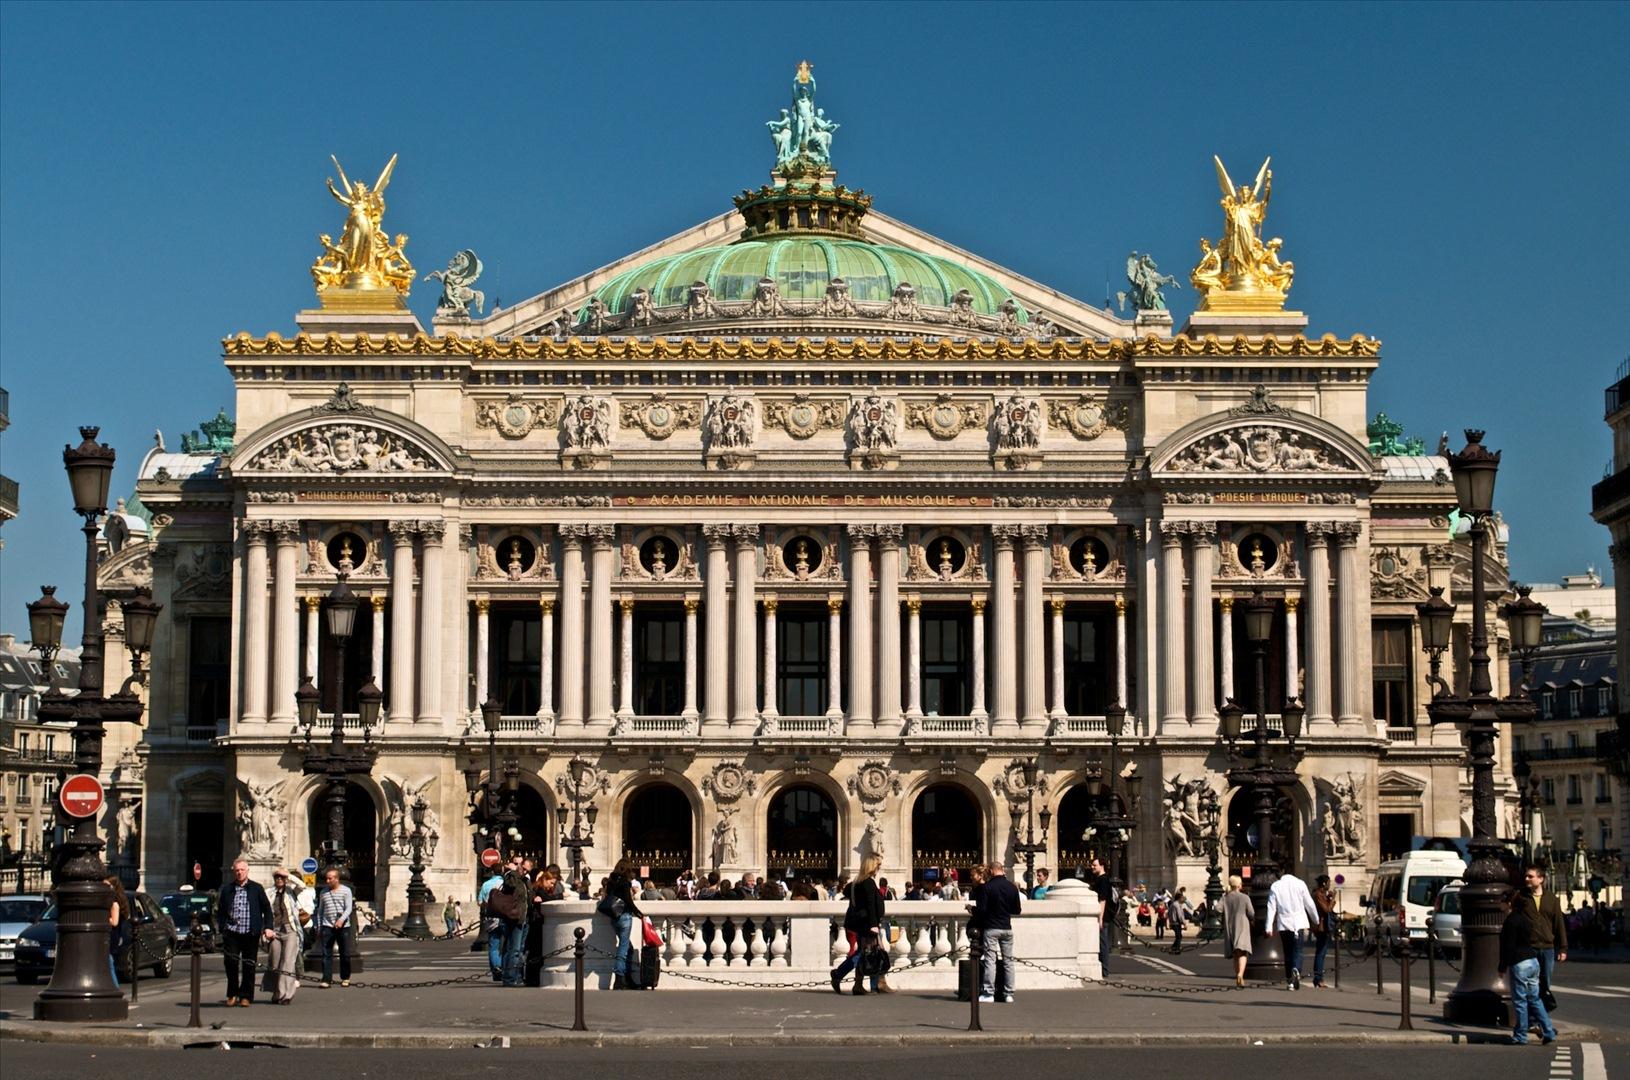 Картинки по запросу гранд опера париж